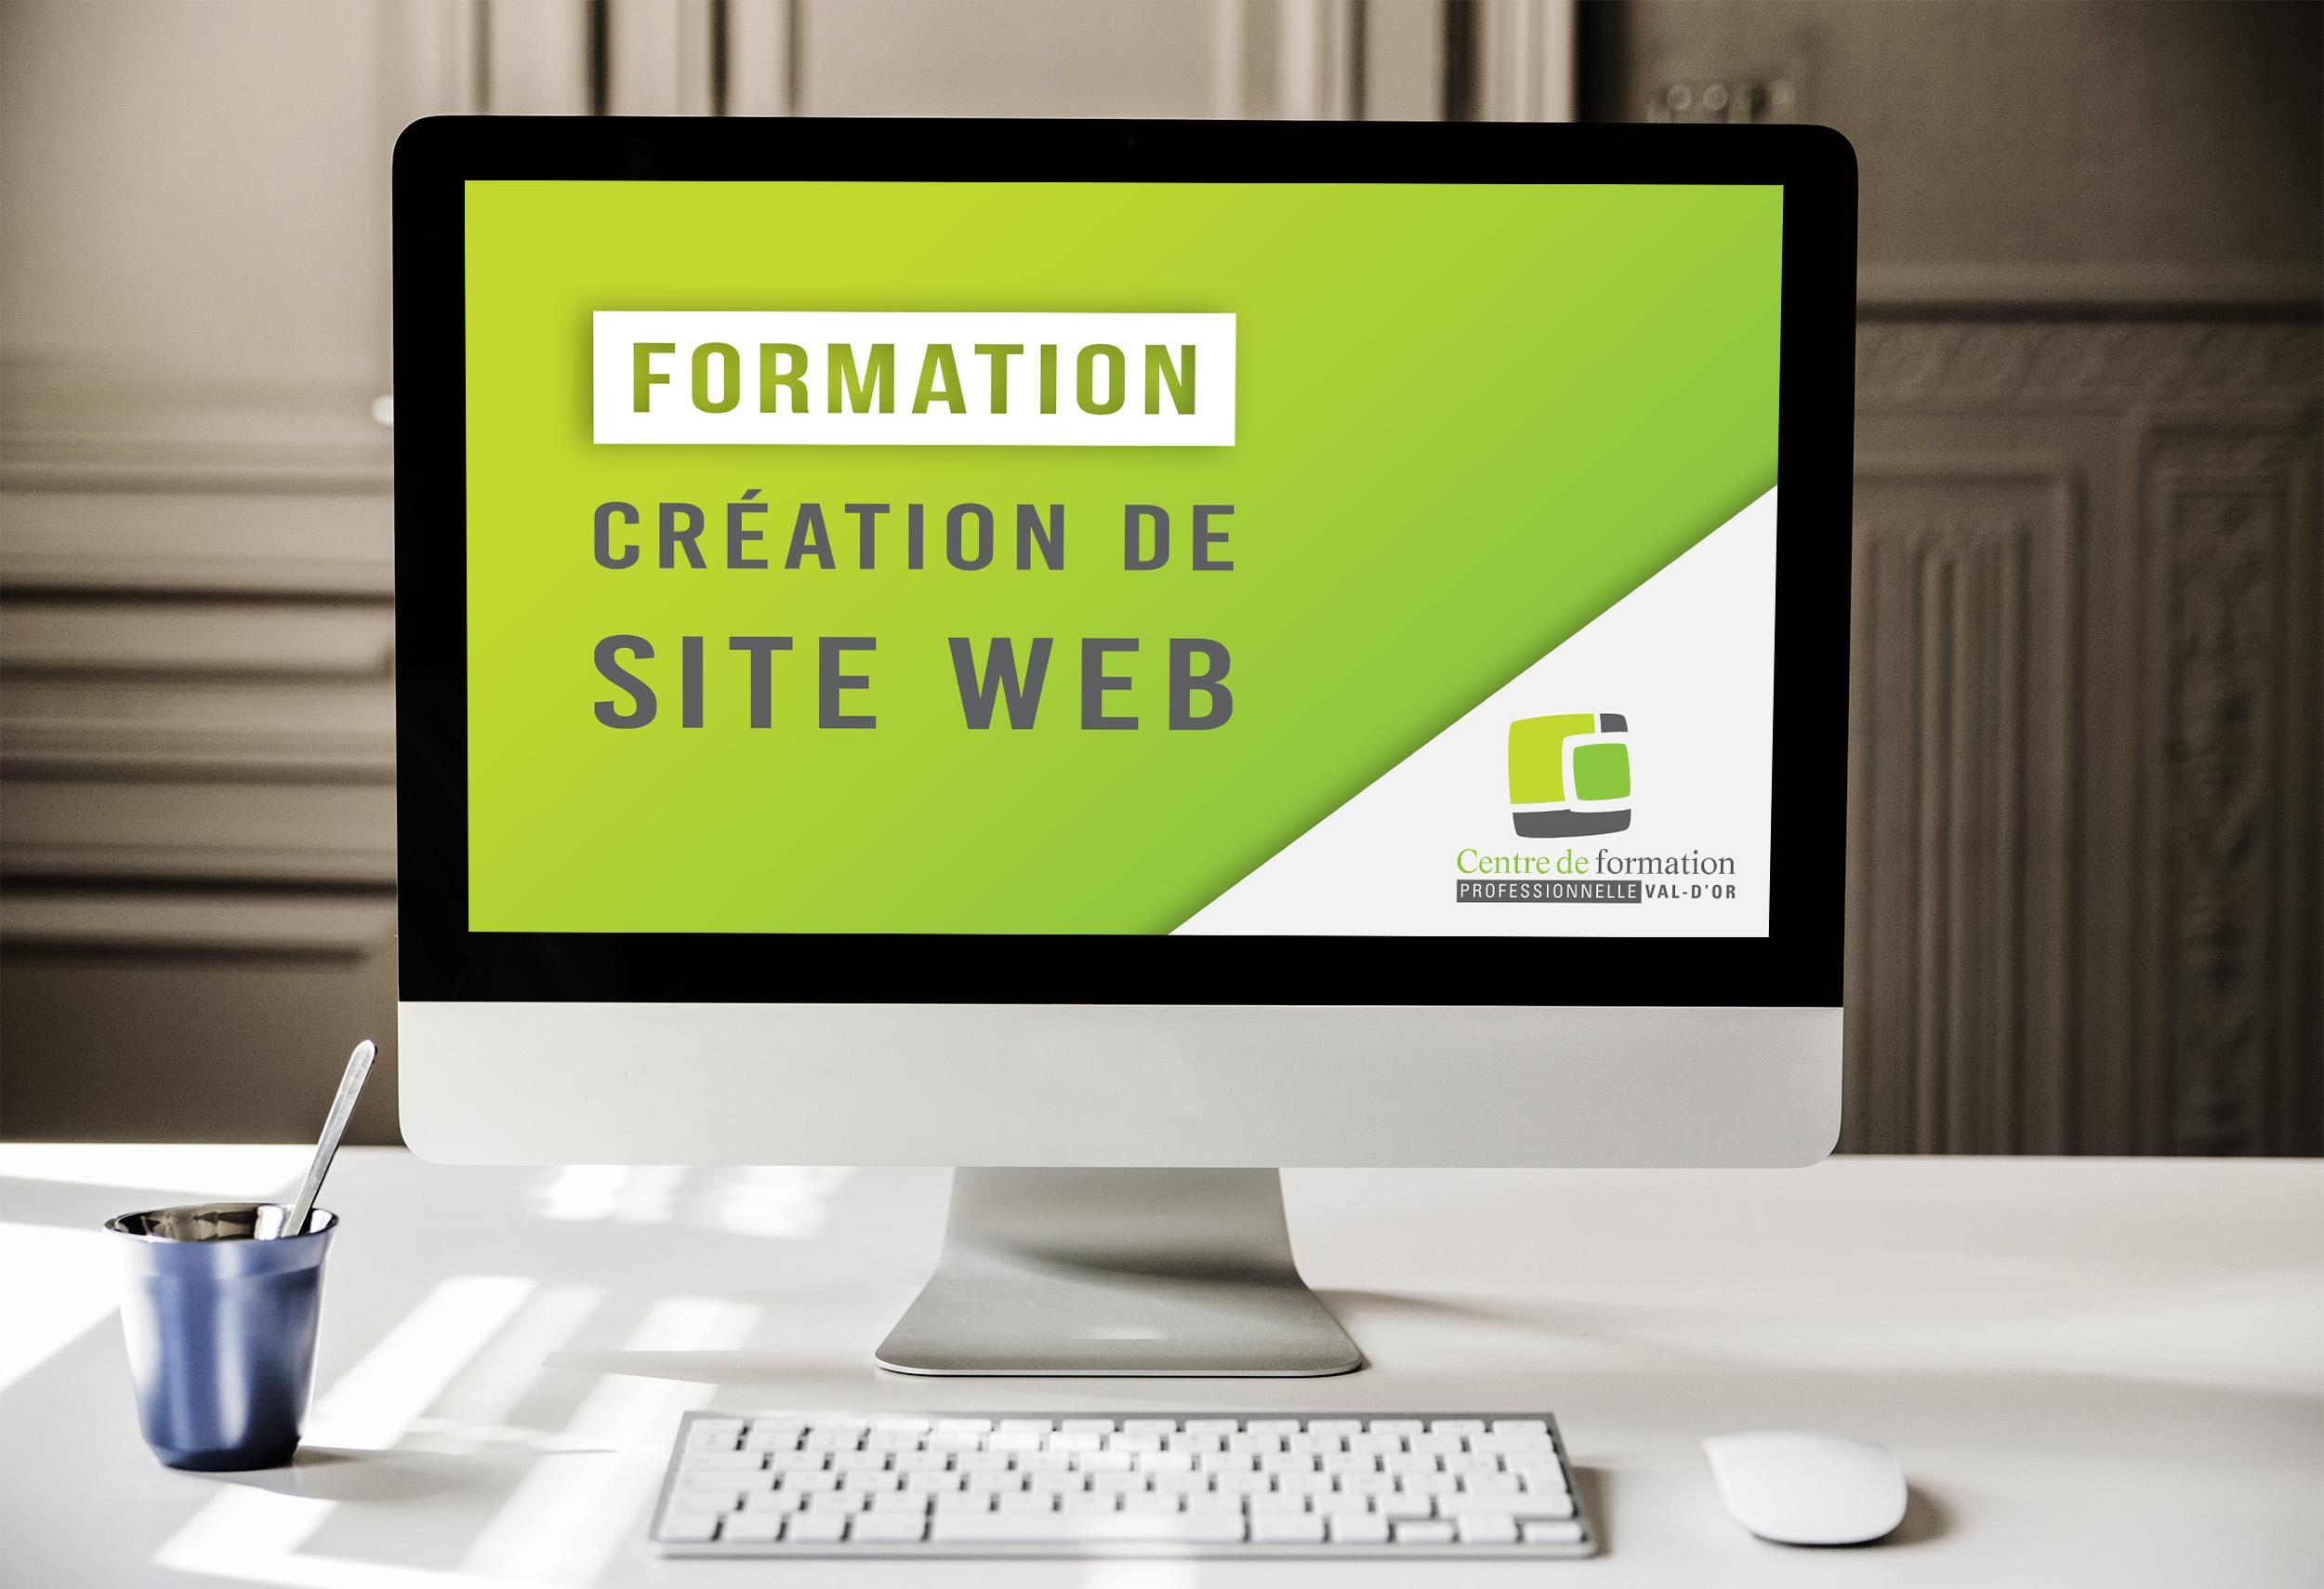 comment cr u00e9er un site web efficace